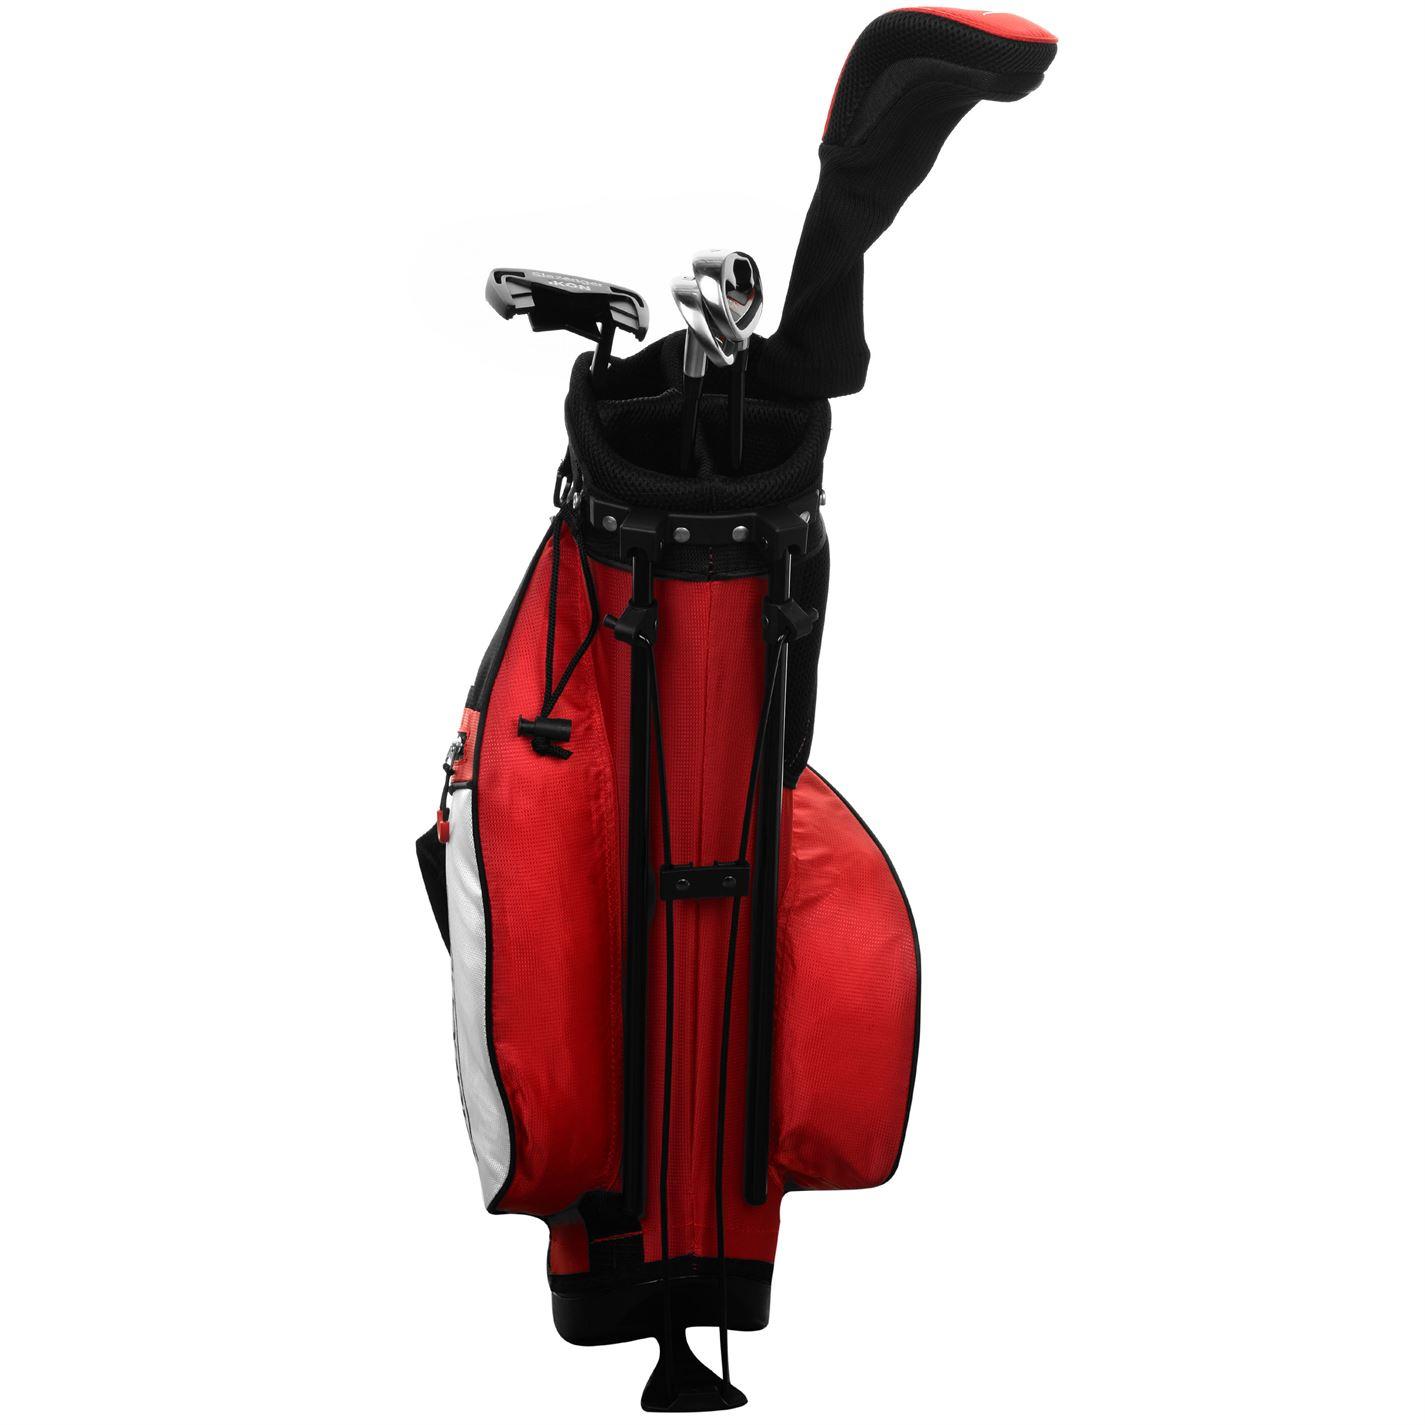 Slazenger-Kids-Ikon-Golf-Set-Junior-Graphite thumbnail 13